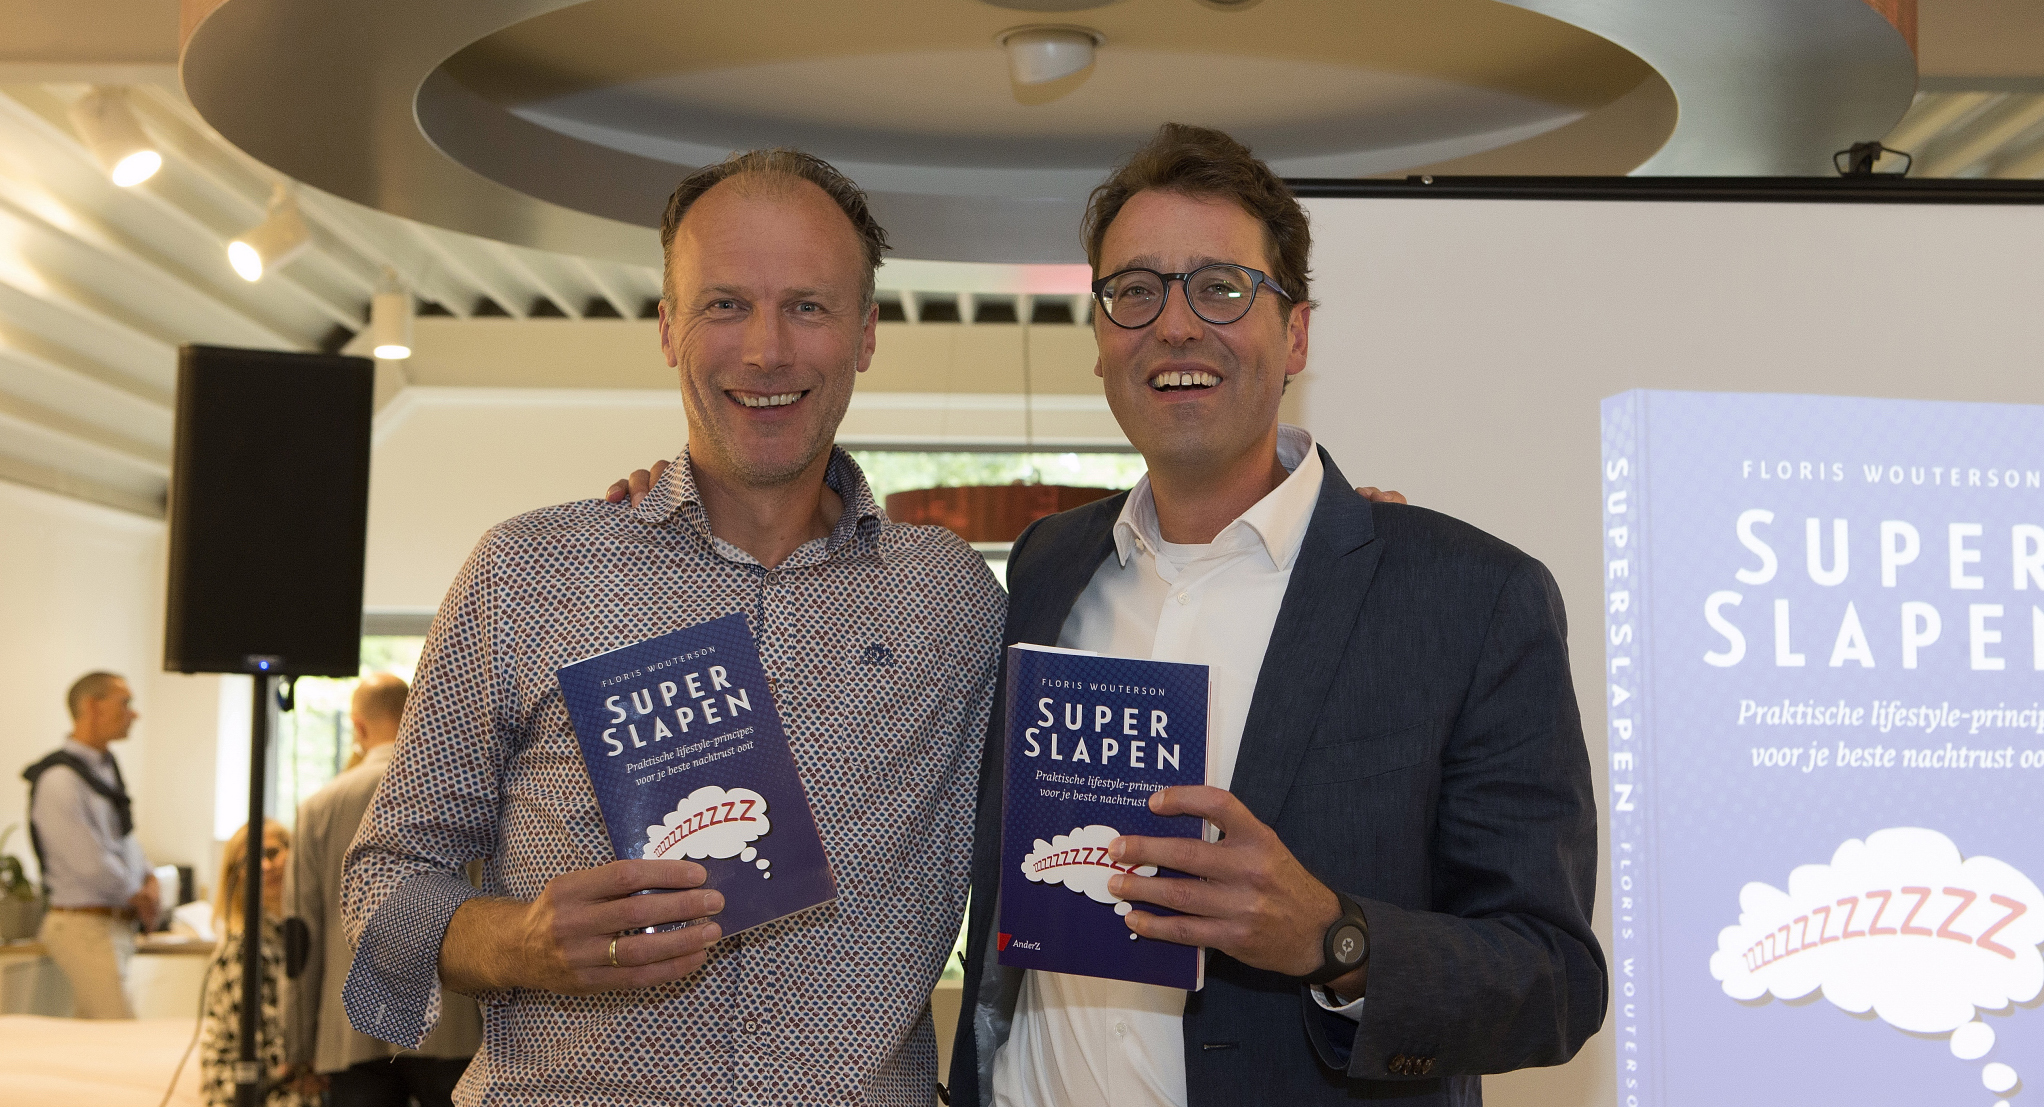 boekmarketing-boekpromotie-verkoop-je-boek